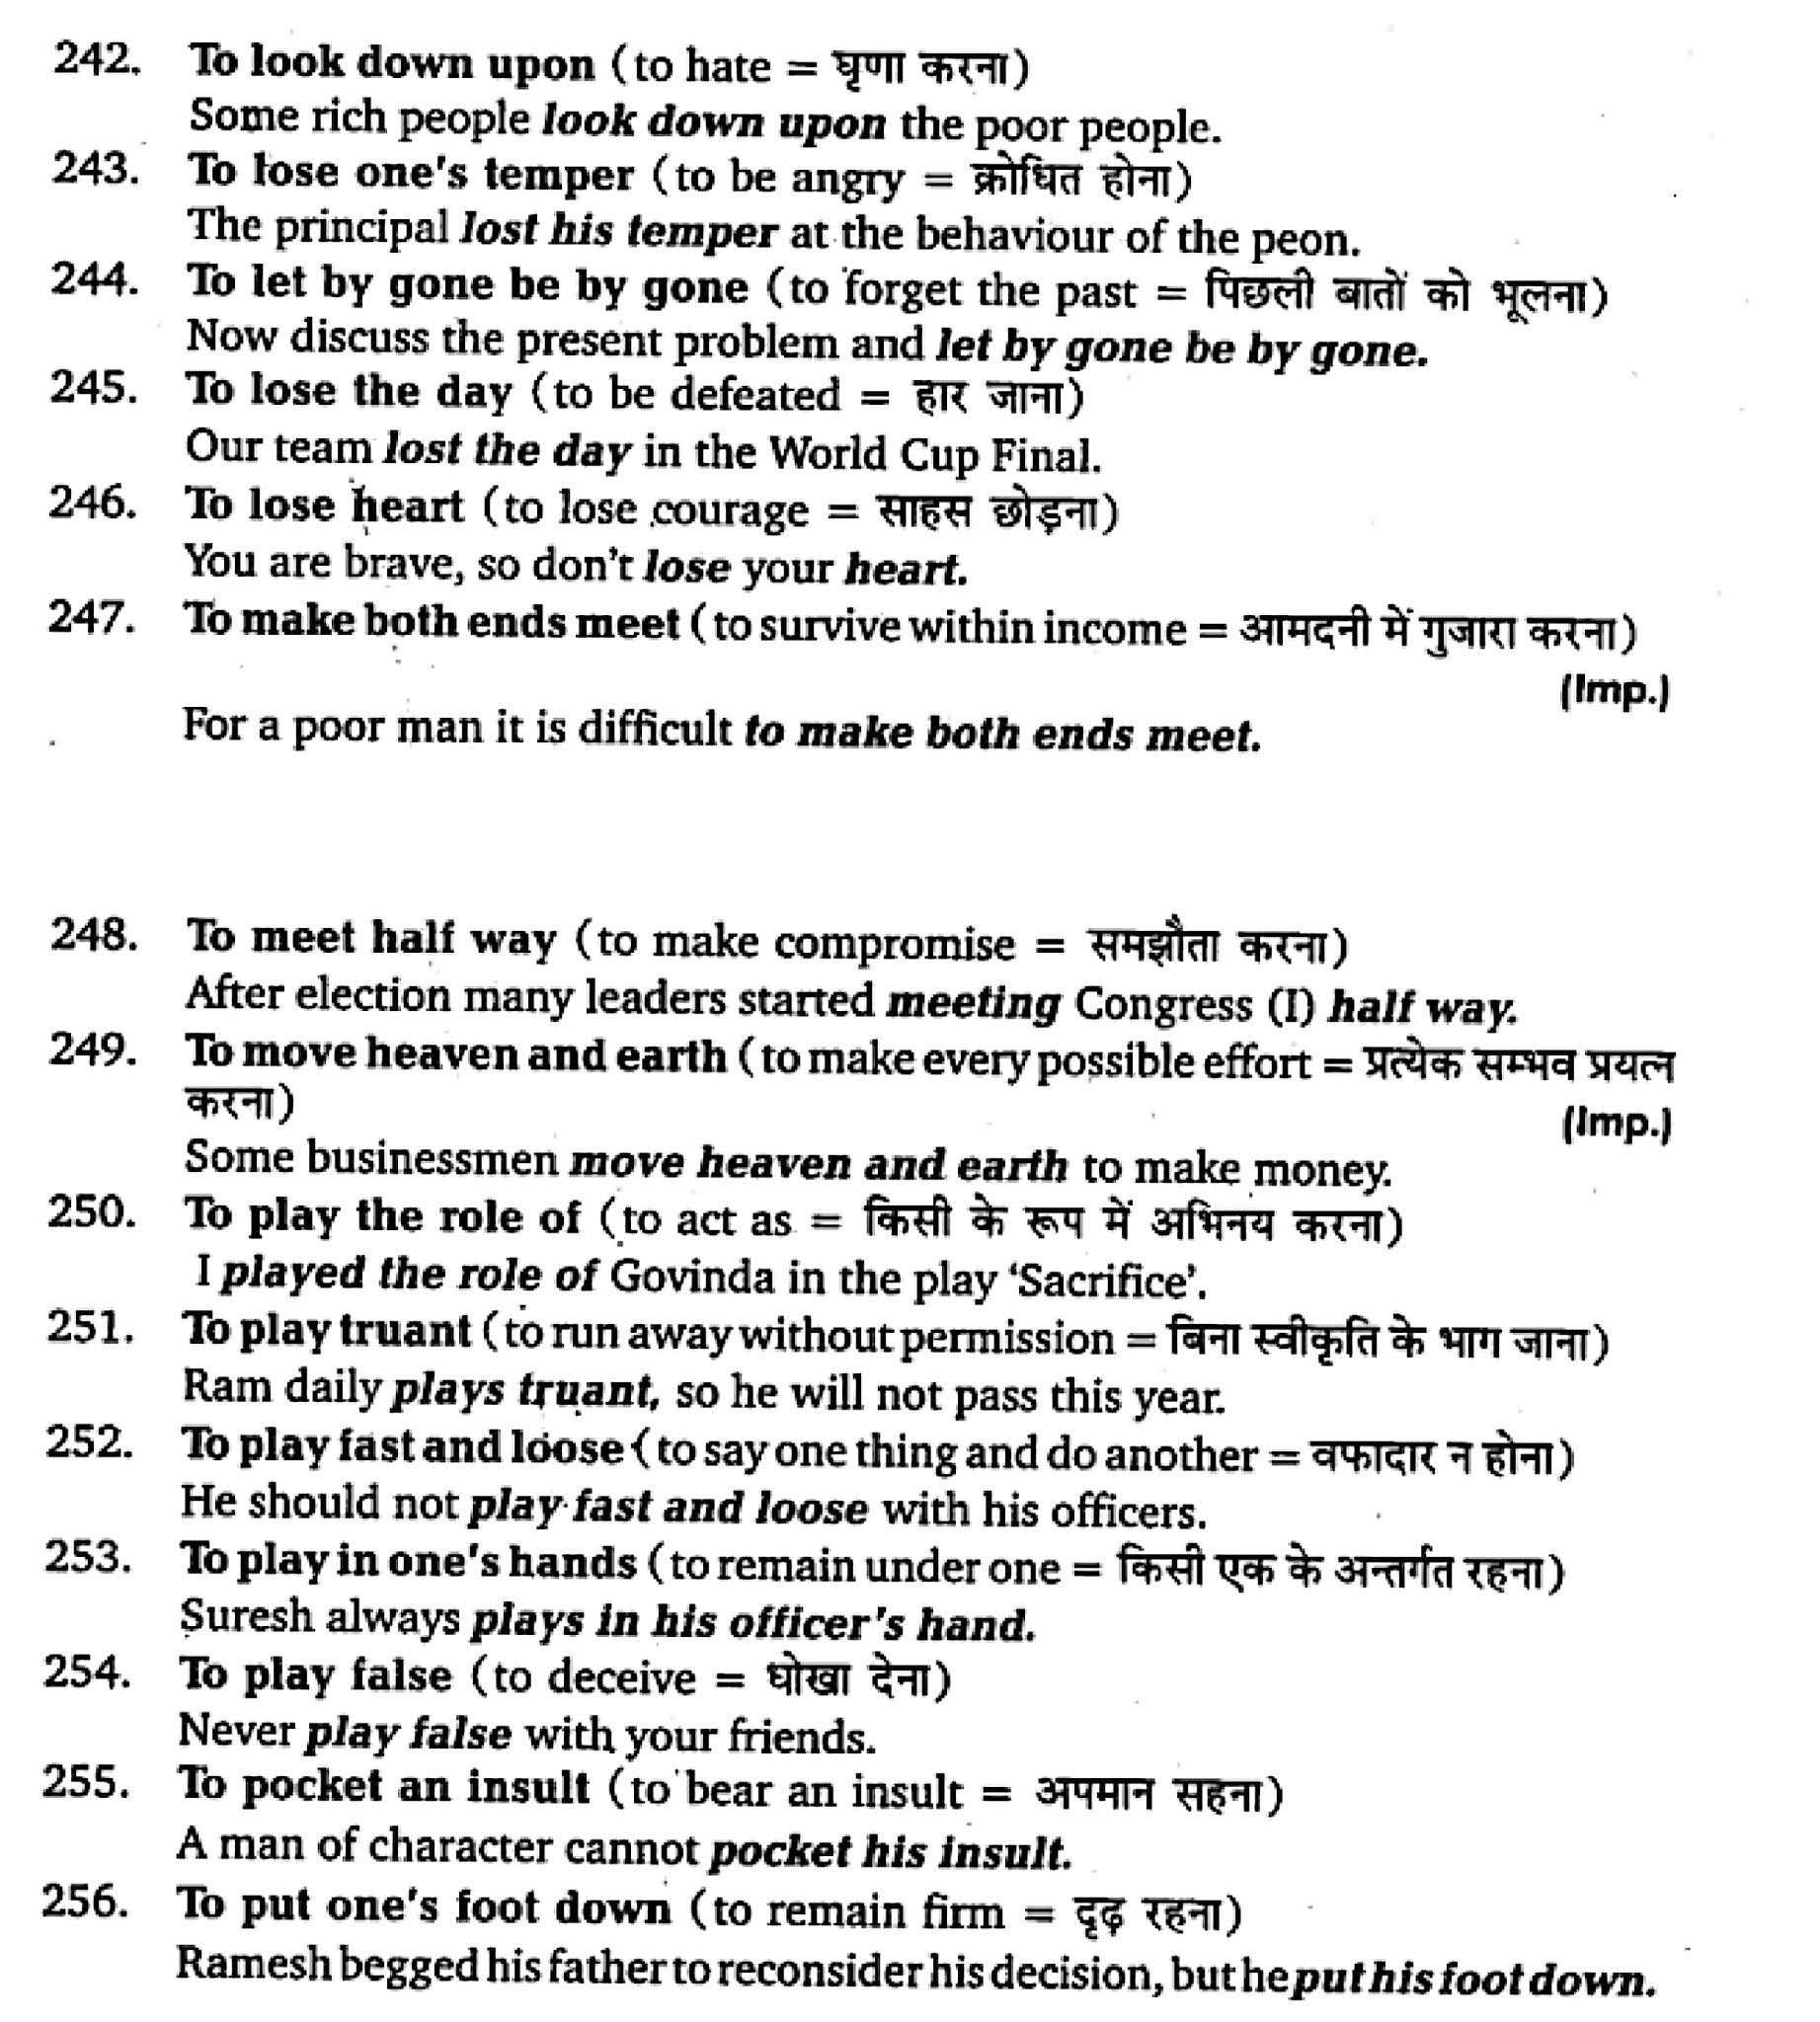 कक्षा 11 अंग्रेज़ी शब्दावली अध्याय 5  के नोट्स हिंदी में एनसीईआरटी समाधान,   class 11 english Synonyms chapter 5,  class 11 english Synonyms chapter 5 ncert solutions in hindi,  class 11 english Synonyms chapter 5 notes in hindi,  class 11 english Synonyms chapter 5 question answer,  class 11 english Synonyms chapter 5 notes,  11   class Synonyms chapter 5 Synonyms chapter 5 in hindi,  class 11 english Synonyms chapter 5 in hindi,  class 11 english Synonyms chapter 5 important questions in hindi,  class 11 english  chapter 5 notes in hindi,  class 11 english Synonyms chapter 5 test,  class 11 english  chapter 1 Synonyms chapter 5 pdf,  class 11 english Synonyms chapter 5 notes pdf,  class 11 english Synonyms chapter 5 exercise solutions,  class 11 english Synonyms chapter 5, class 11 english Synonyms chapter 5 notes study rankers,  class 11 english Synonyms chapter 5 notes,  class 11 english  chapter 5 notes,   Synonyms chapter 5  class 11  notes pdf,  Synonyms chapter 5 class 11  notes 5051 ncert,   Synonyms chapter 5 class 11 pdf,    Synonyms chapter 5  book,     Synonyms chapter 5 quiz class 11  ,       11  th Synonyms chapter 5    book up board,       up board 11  th Synonyms chapter 5 notes,  कक्षा 11 अंग्रेज़ी शब्दावली अध्याय 5 , कक्षा 11 अंग्रेज़ी का शब्दावली अध्याय 5  ncert solution in hindi, कक्षा 11 अंग्रेज़ी के शब्दावली अध्याय 5  के नोट्स हिंदी में, कक्षा 11 का अंग्रेज़ीशब्दावली अध्याय 5 का प्रश्न उत्तर, कक्षा 11 अंग्रेज़ी शब्दावली अध्याय 5 के नोट्स, 11 कक्षा अंग्रेज़ी शब्दावली अध्याय 5   हिंदी में,कक्षा 11 अंग्रेज़ी शब्दावली अध्याय 5  हिंदी में, कक्षा 11 अंग्रेज़ी शब्दावली अध्याय 5  महत्वपूर्ण प्रश्न हिंदी में,कक्षा 11 के अंग्रेज़ी के नोट्स हिंदी में,अंग्रेज़ी कक्षा 11 नोट्स pdf,  अंग्रेज़ी  कक्षा 11 नोट्स 2021 ncert,  अंग्रेज़ी  कक्षा 11 pdf,  अंग्रेज़ी  पुस्तक,  अंग्रेज़ी की बुक,  अंग्रेज़ी  प्रश्नोत्तरी class 11  , 11   वीं अंग्रेज़ी  पुस्तक up board,  बिहार बोर्ड 11  पुस्तक वीं अंग्रेज़ी नोट्स,    11th Prose chapter 1   book in hindi,11  th Prose cha